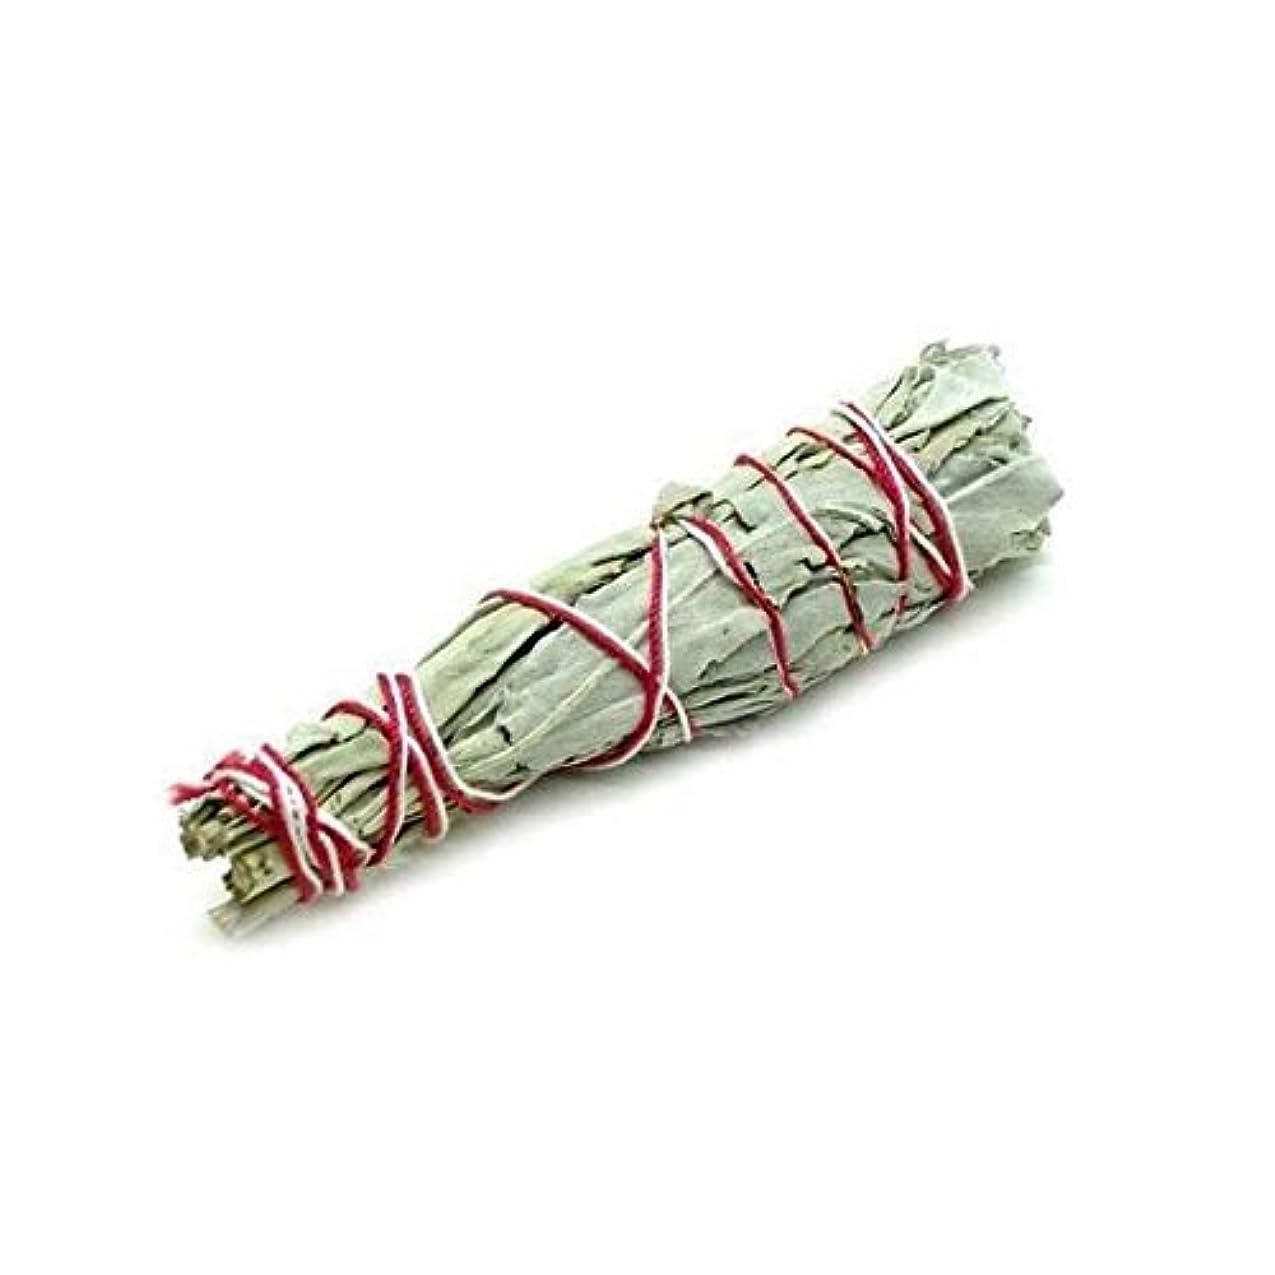 別に肉の磁気セージバンドル?–?ホワイトセージSmudge Stick使用のクレンジングとPurifyingエネルギー、瞑想、自然として、消臭?–?6?Inches Long